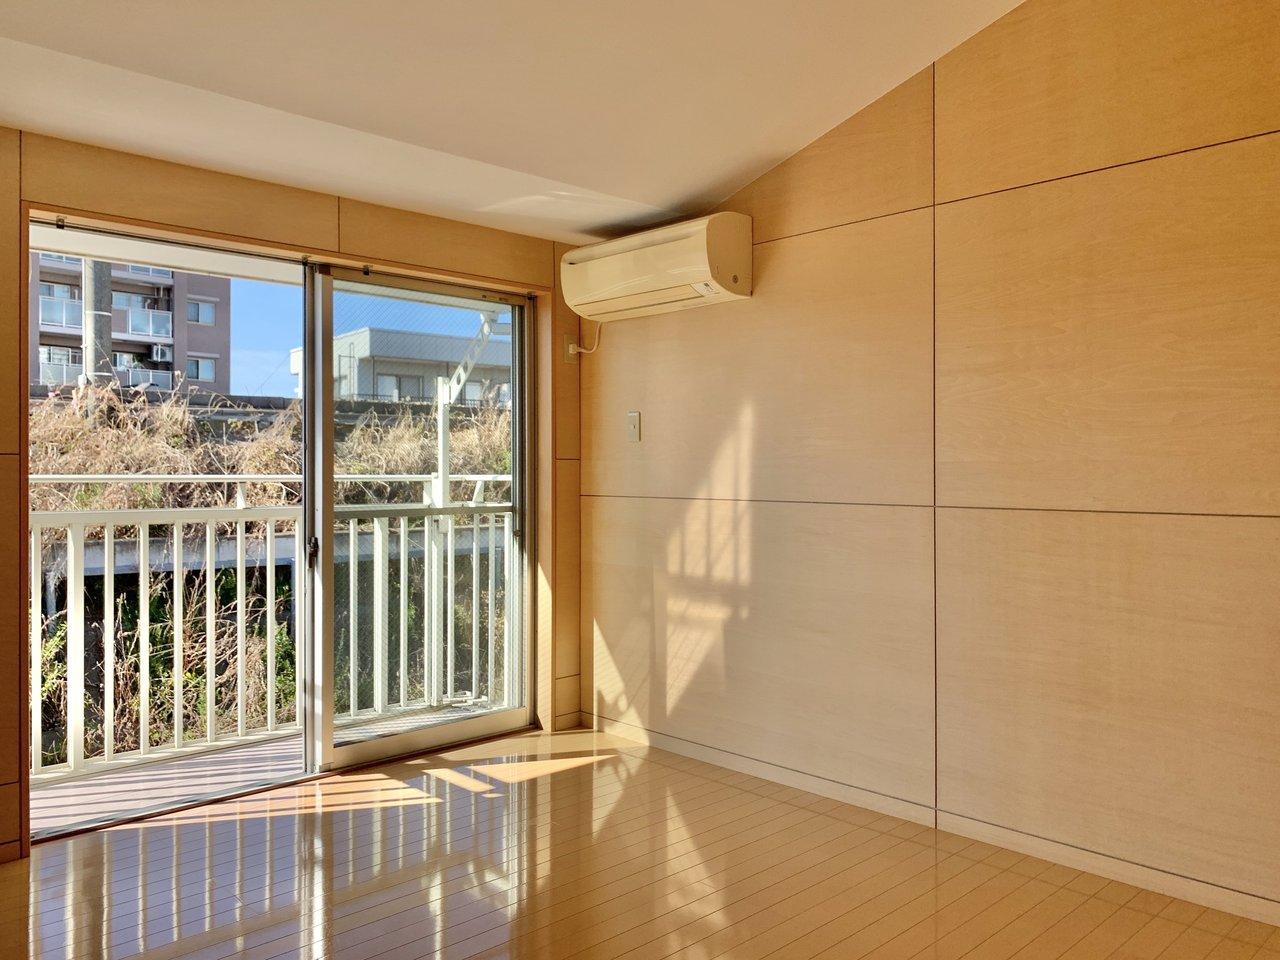 日向ぼっこも楽しめそうなこちらのお部屋はなんと4層構造のメゾネットなんです。